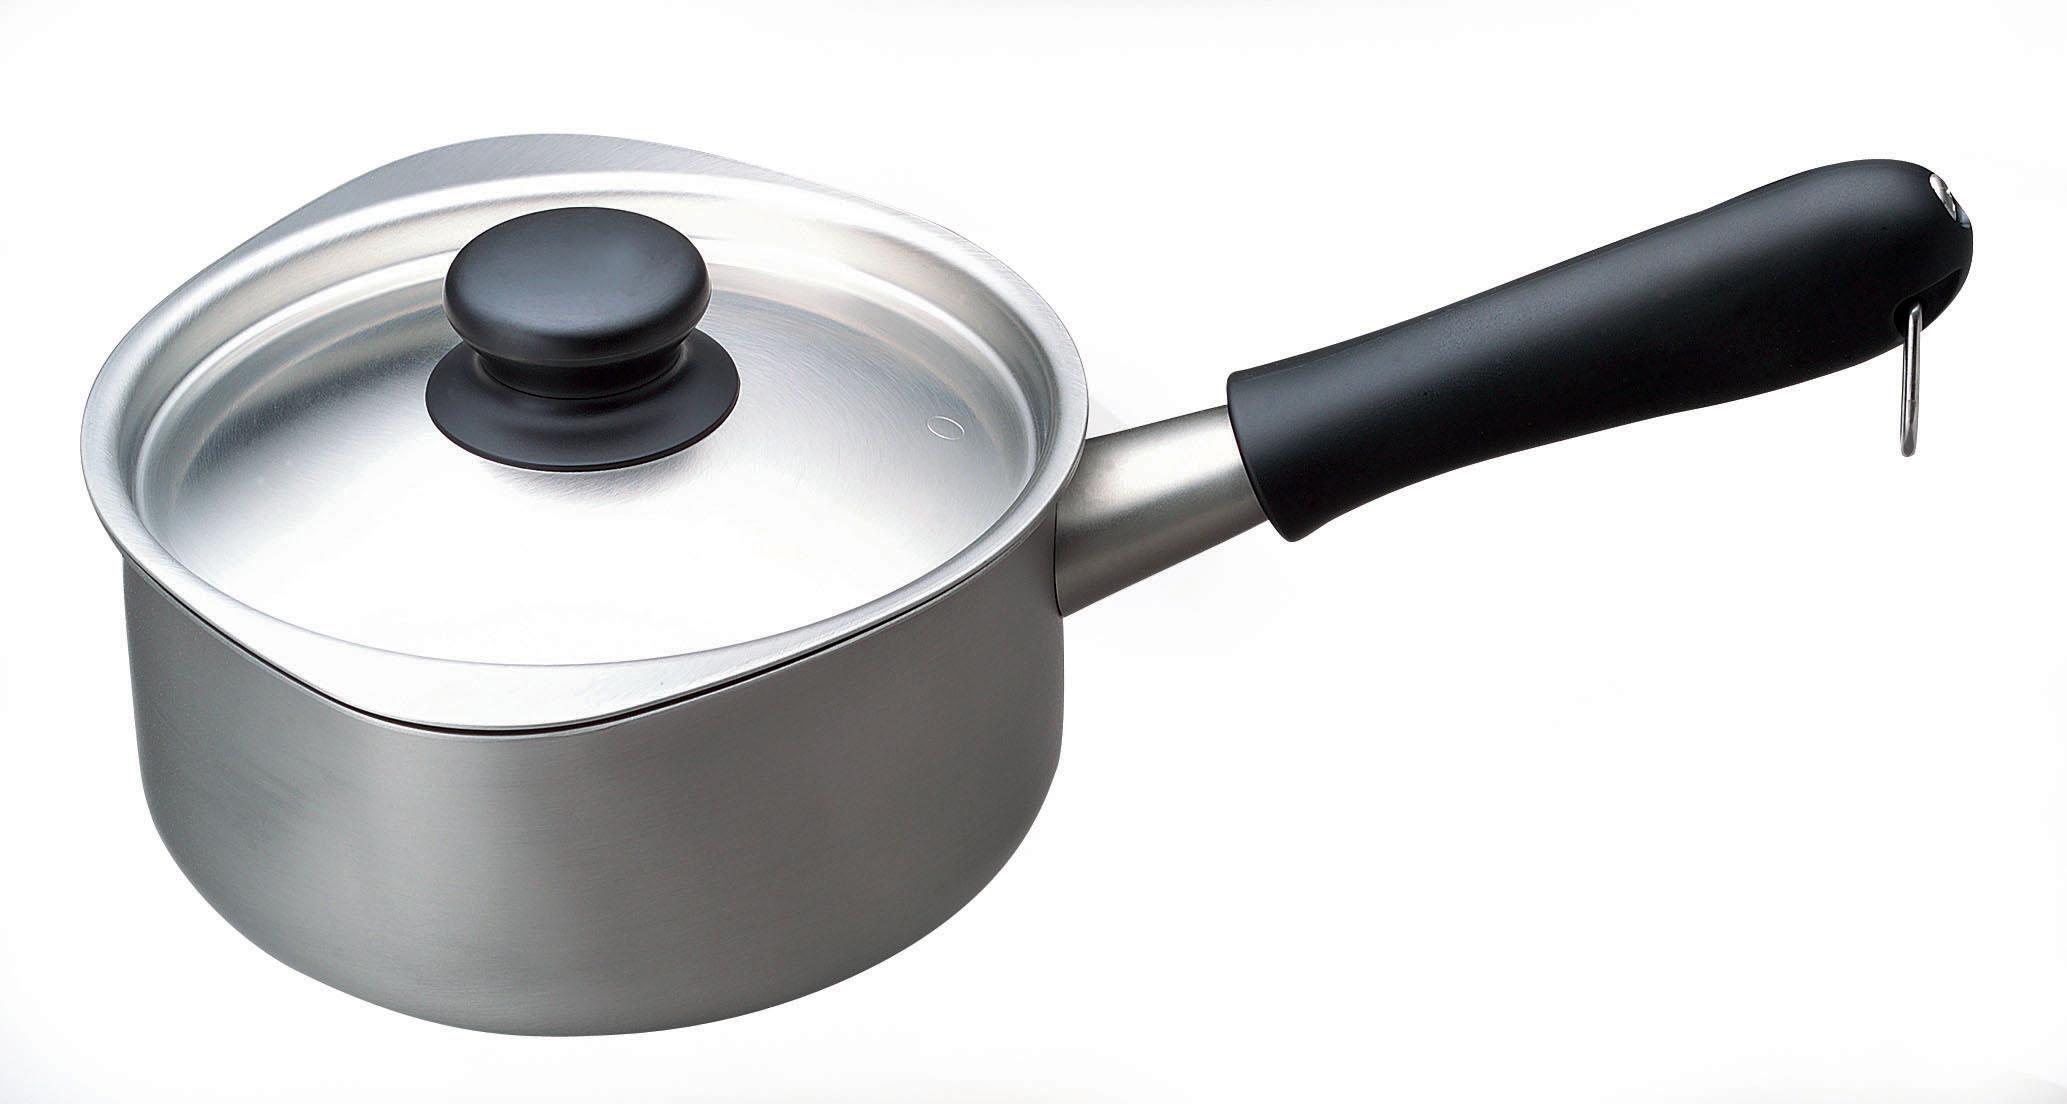 日本柳宗理—不銹鋼單手鍋(霧面•直徑16cm•附不銹鋼蓋)